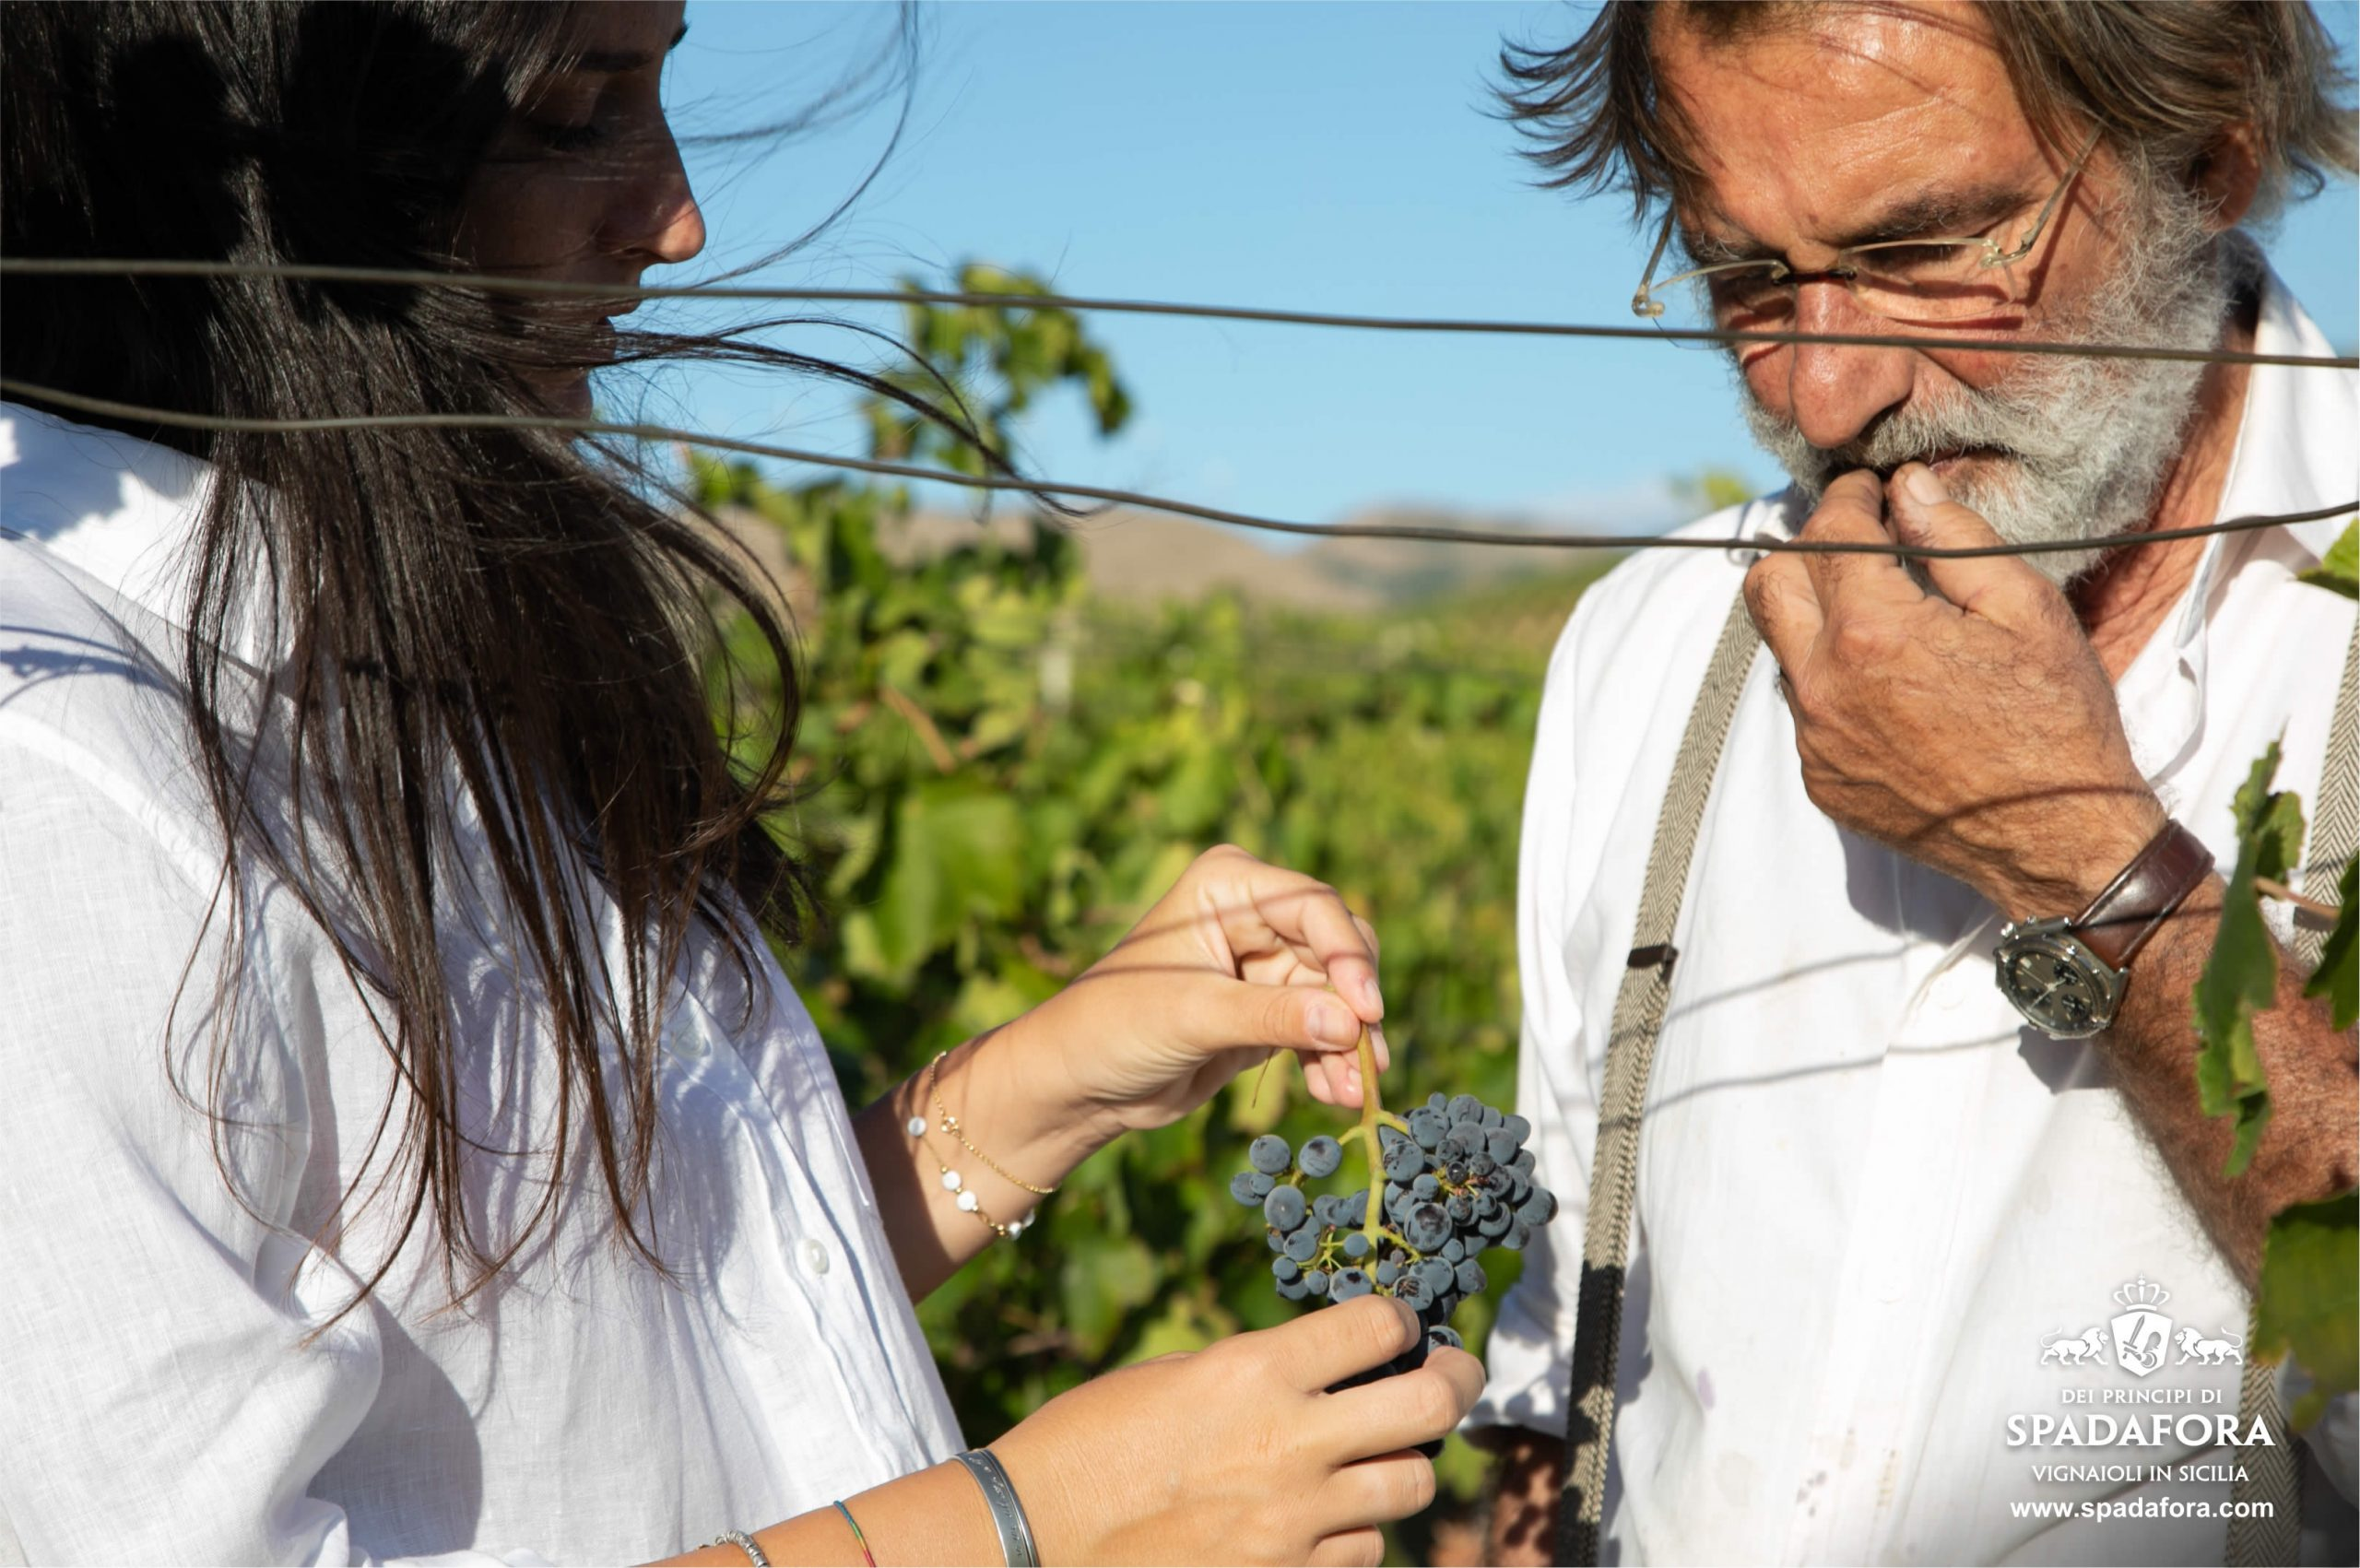 pruduzione siciliana vino biologico senza solfiti da agricultura sostenibile